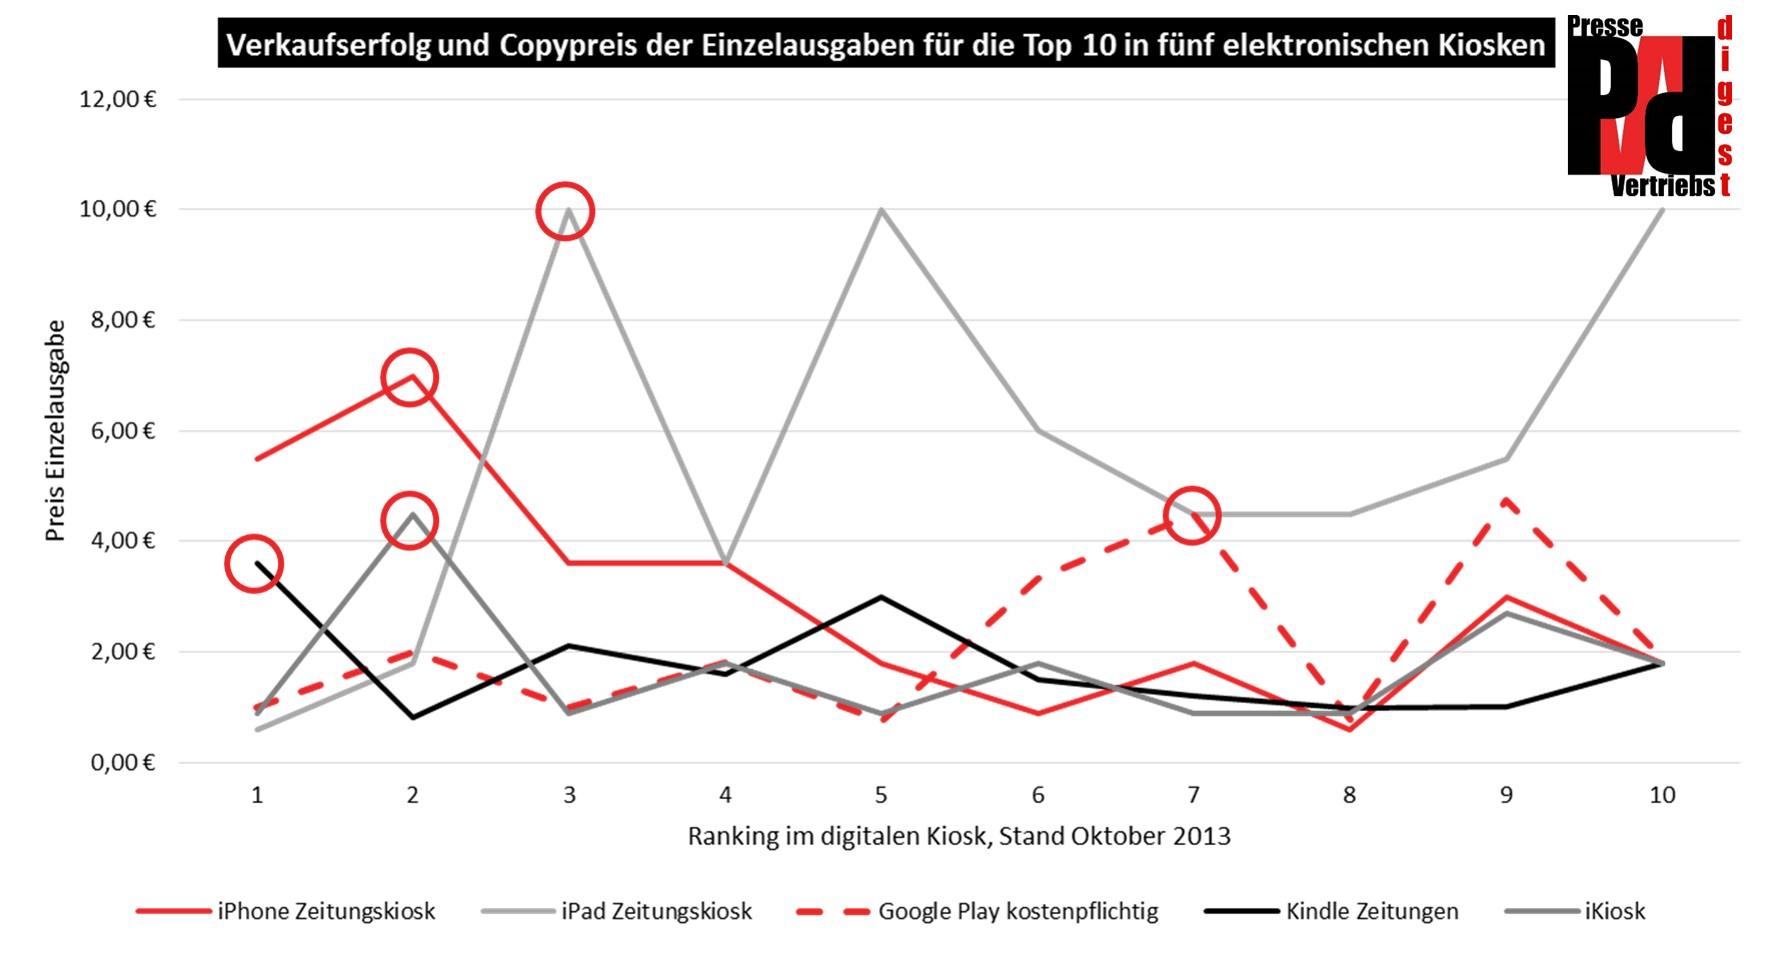 Grafik digitale Copypreise vs Kiosk-Ranking